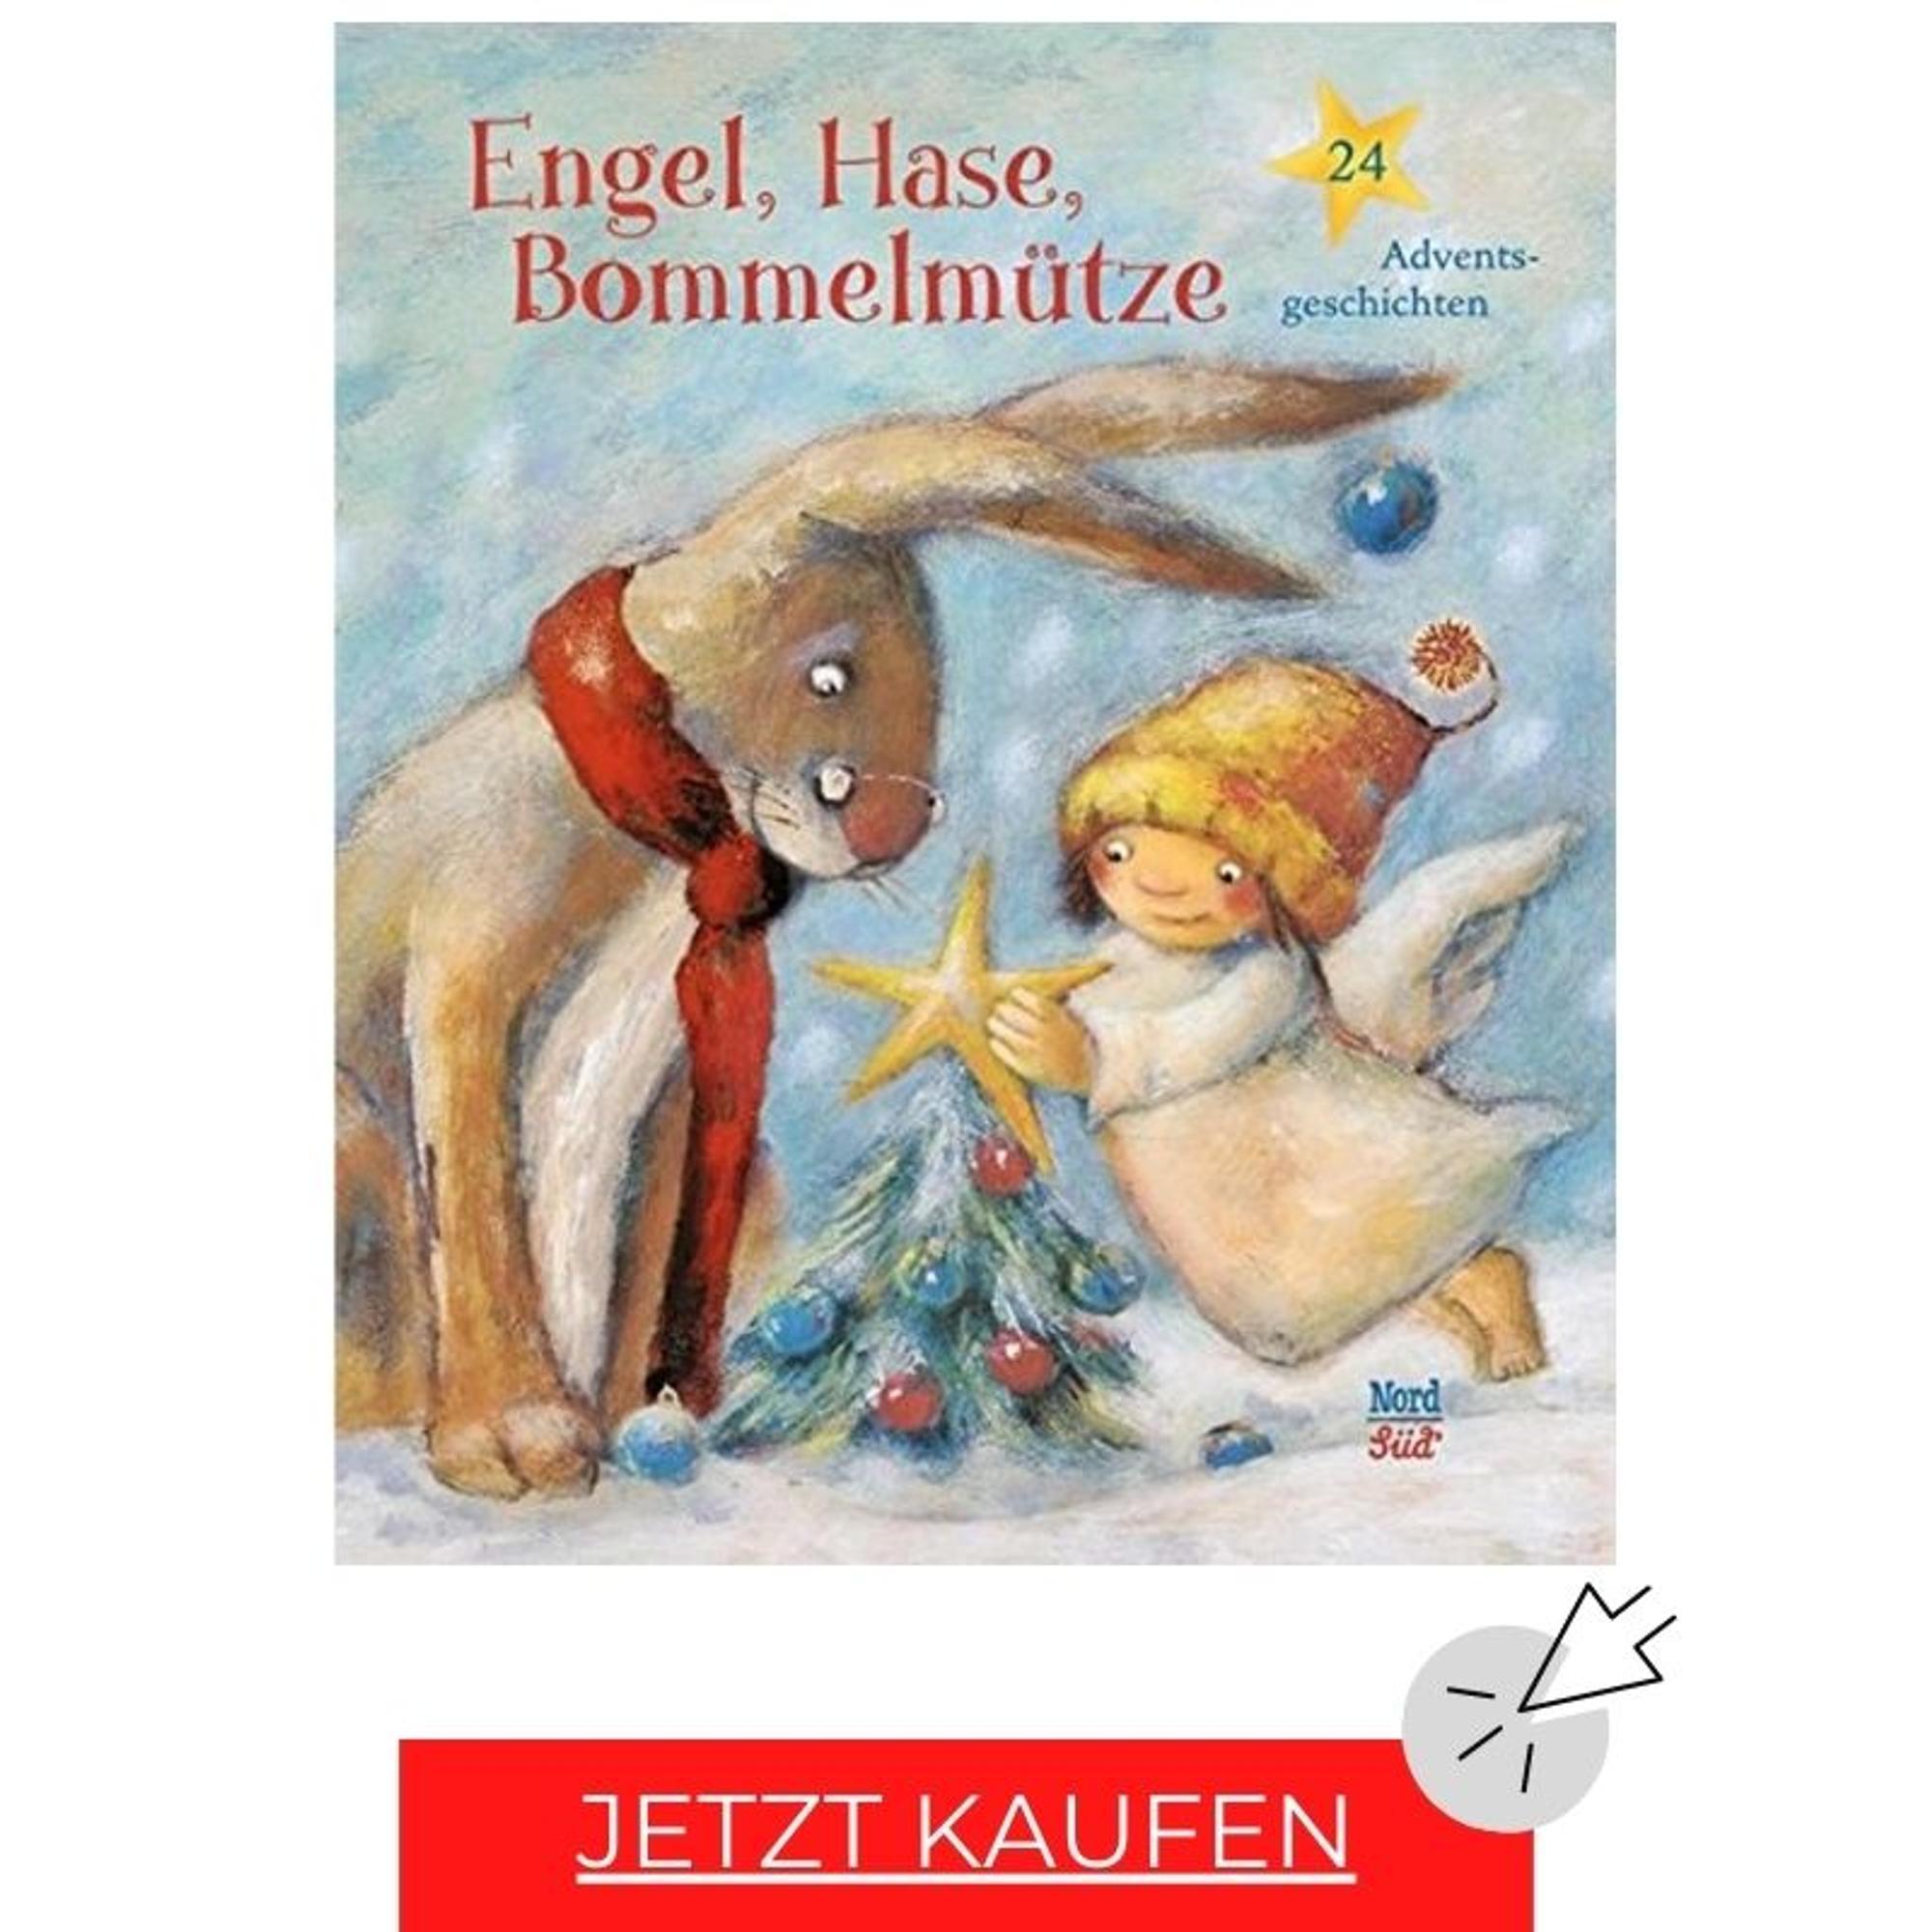 Adventsgeschichten Engel, Hase